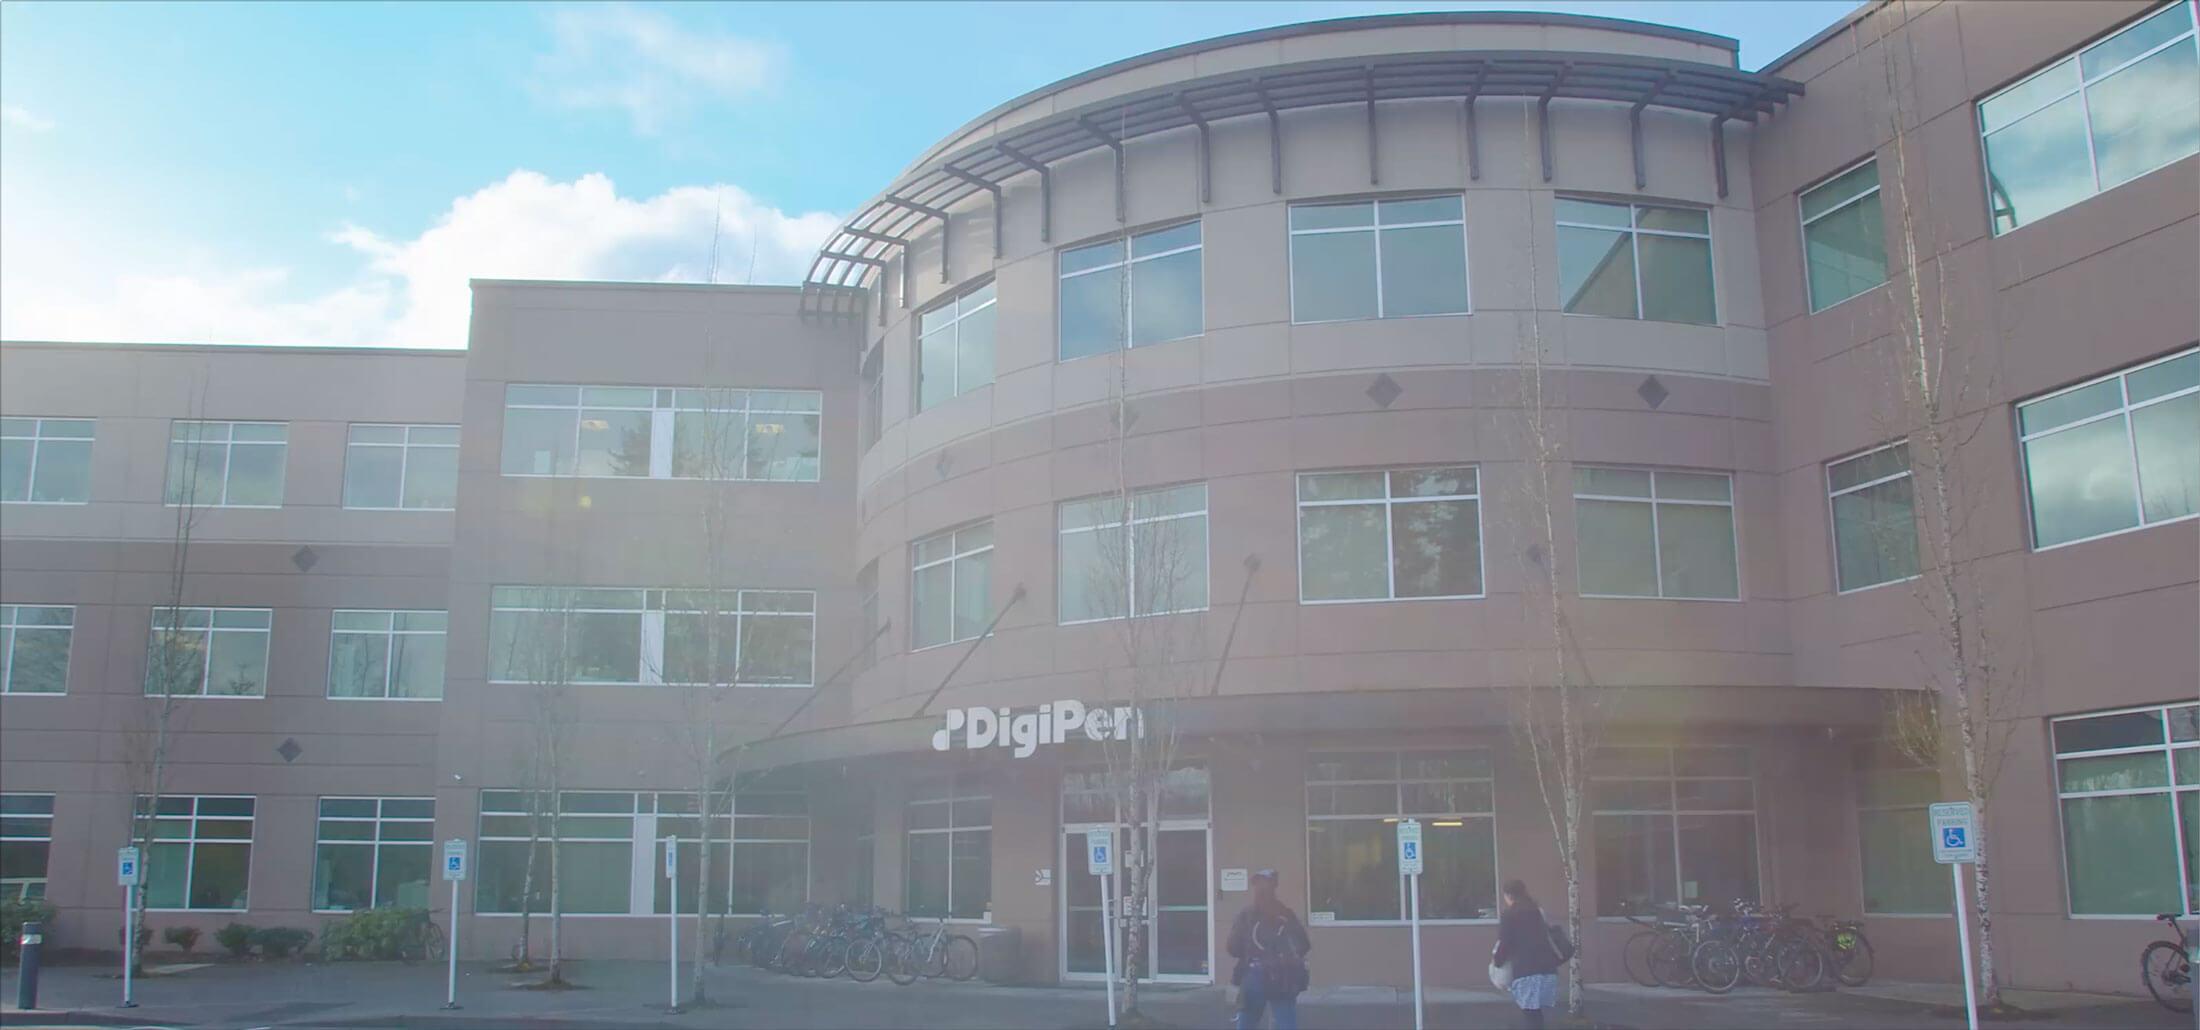 DigiPen's campus building exterior